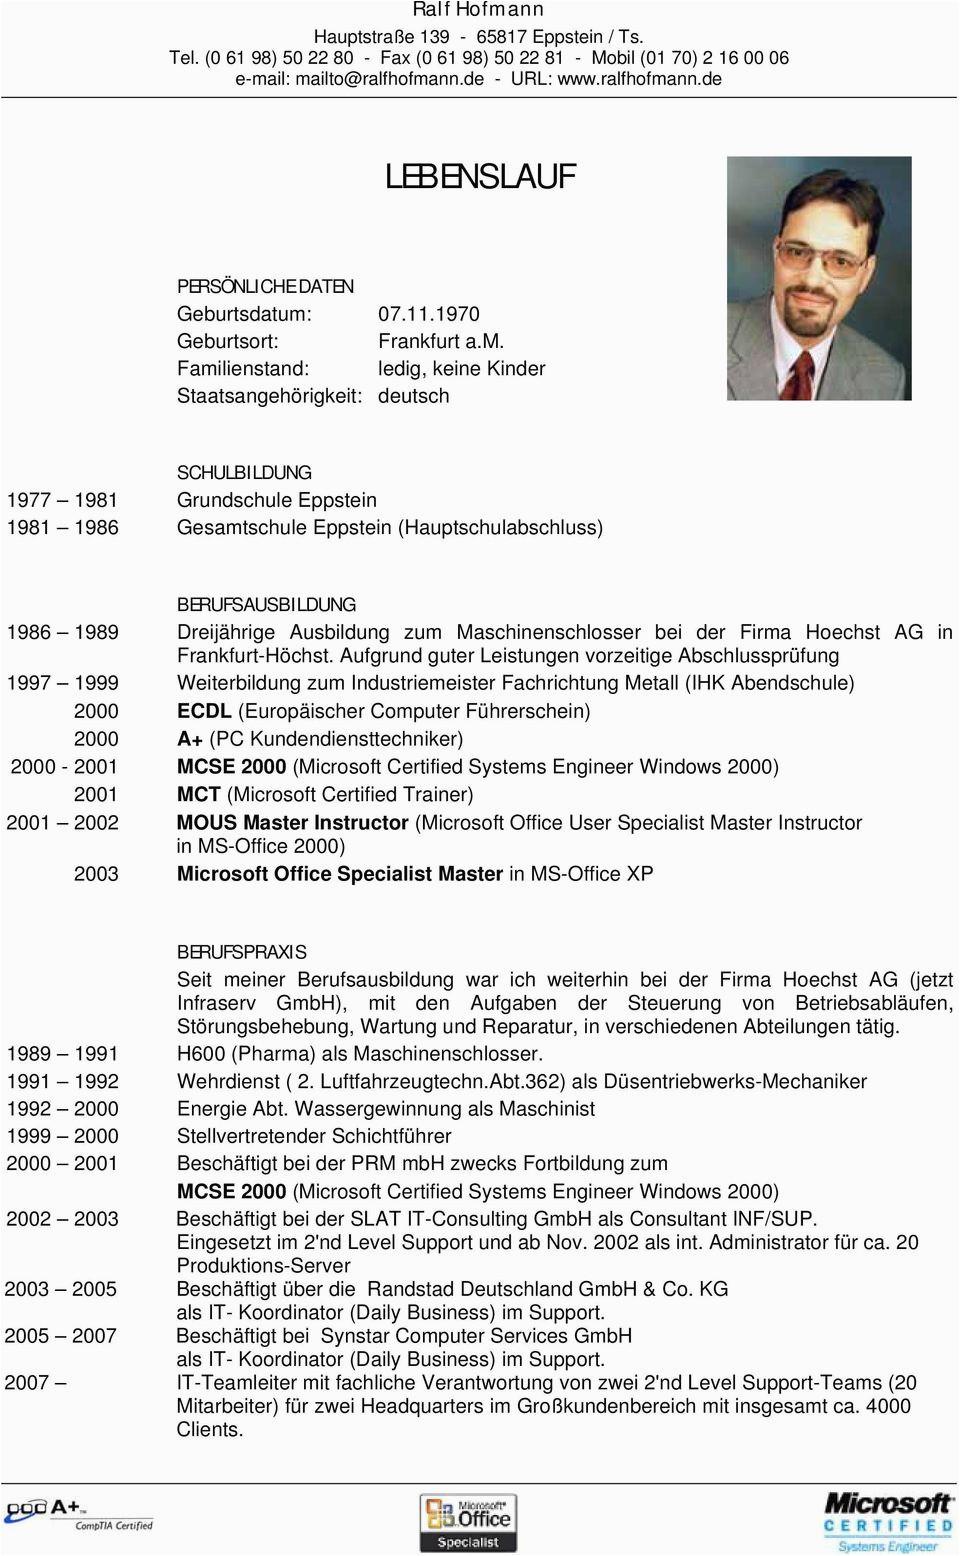 Ralf hofmann lebenslauf geburtsdatum 07 11 1970 geburtsort frankfurt a m familienstand ledig keine kinder staatsangehoerigkeit deutsch